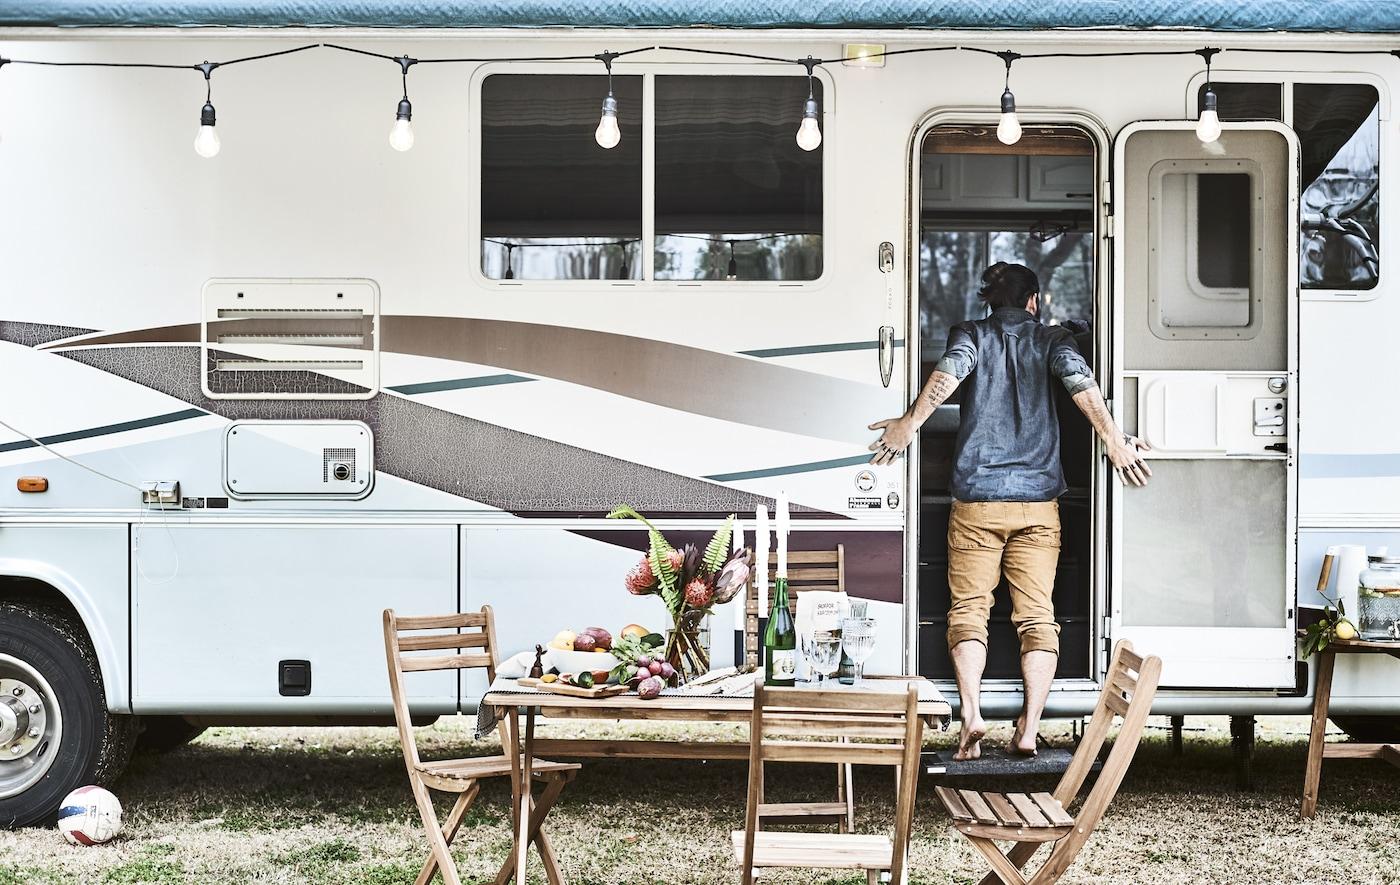 Mobilheim einrichten Tipps für dein Unterwegs-Zuhause - IKEA